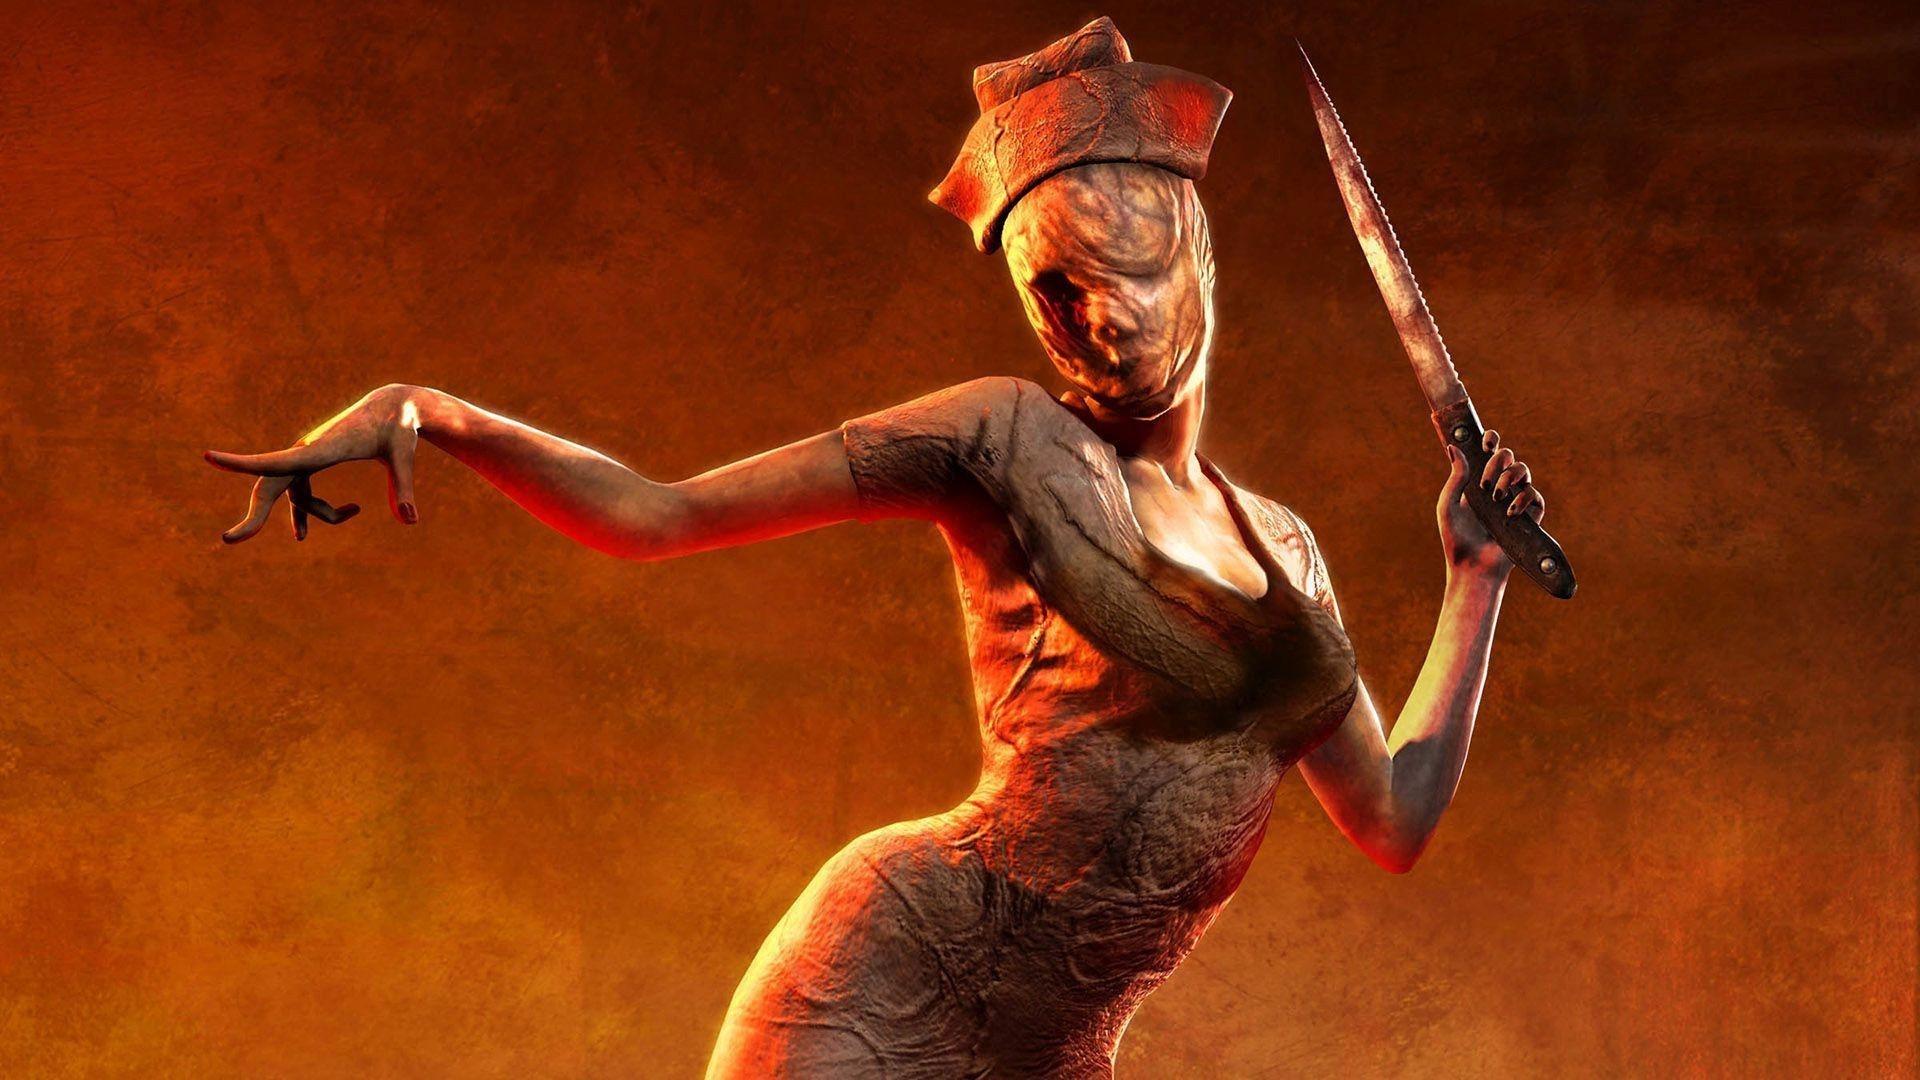 СМИ: Хидео Кодзима и Konami «подружились», что может вылиться в новую Silent Hill